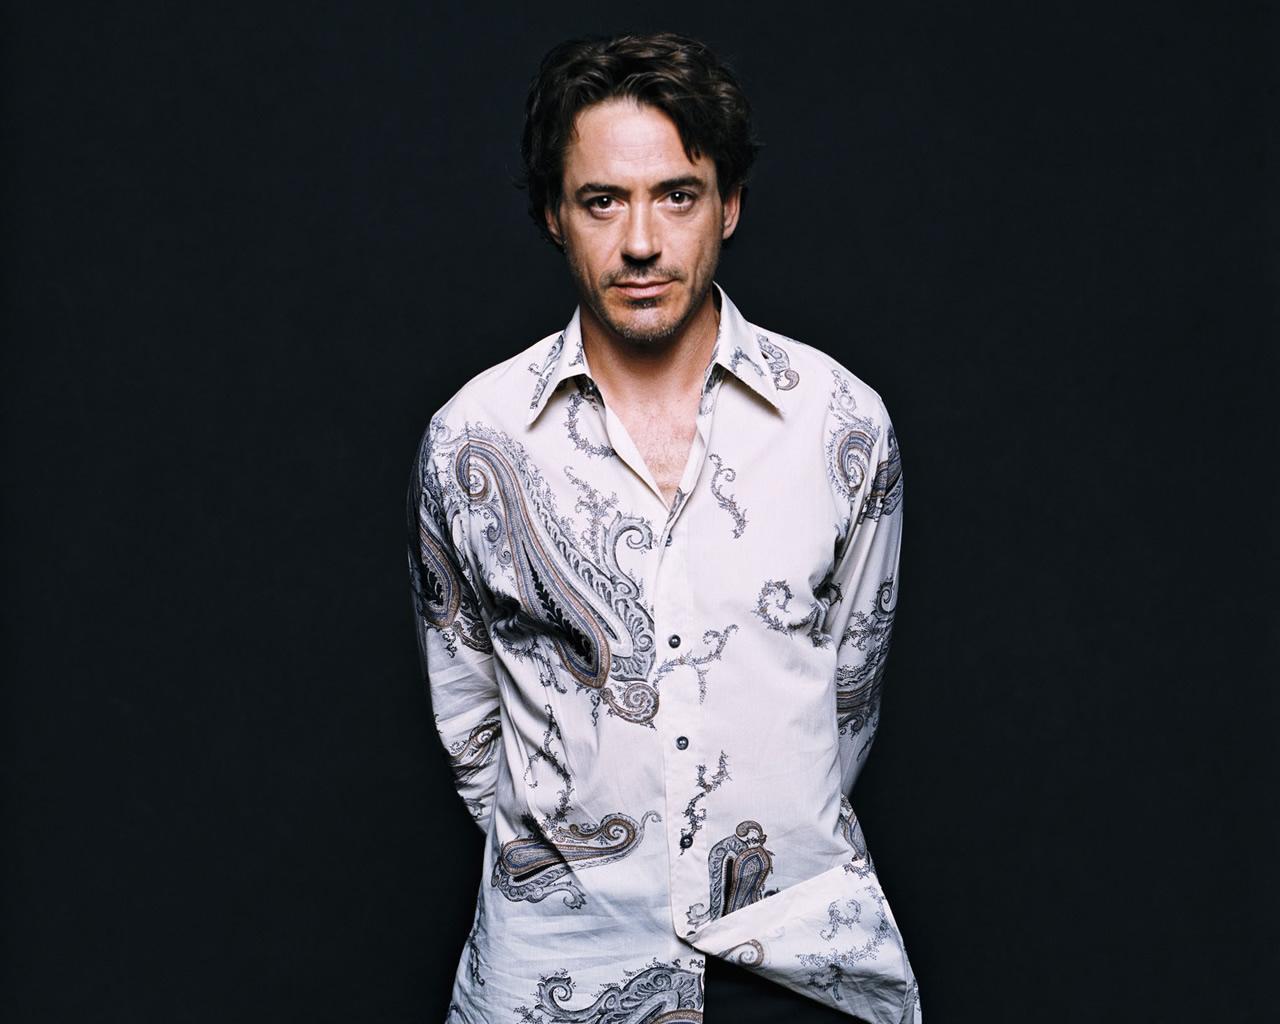 Robert Downey Jr Wallpaper - Robert Downey Jr Hd , HD Wallpaper & Backgrounds